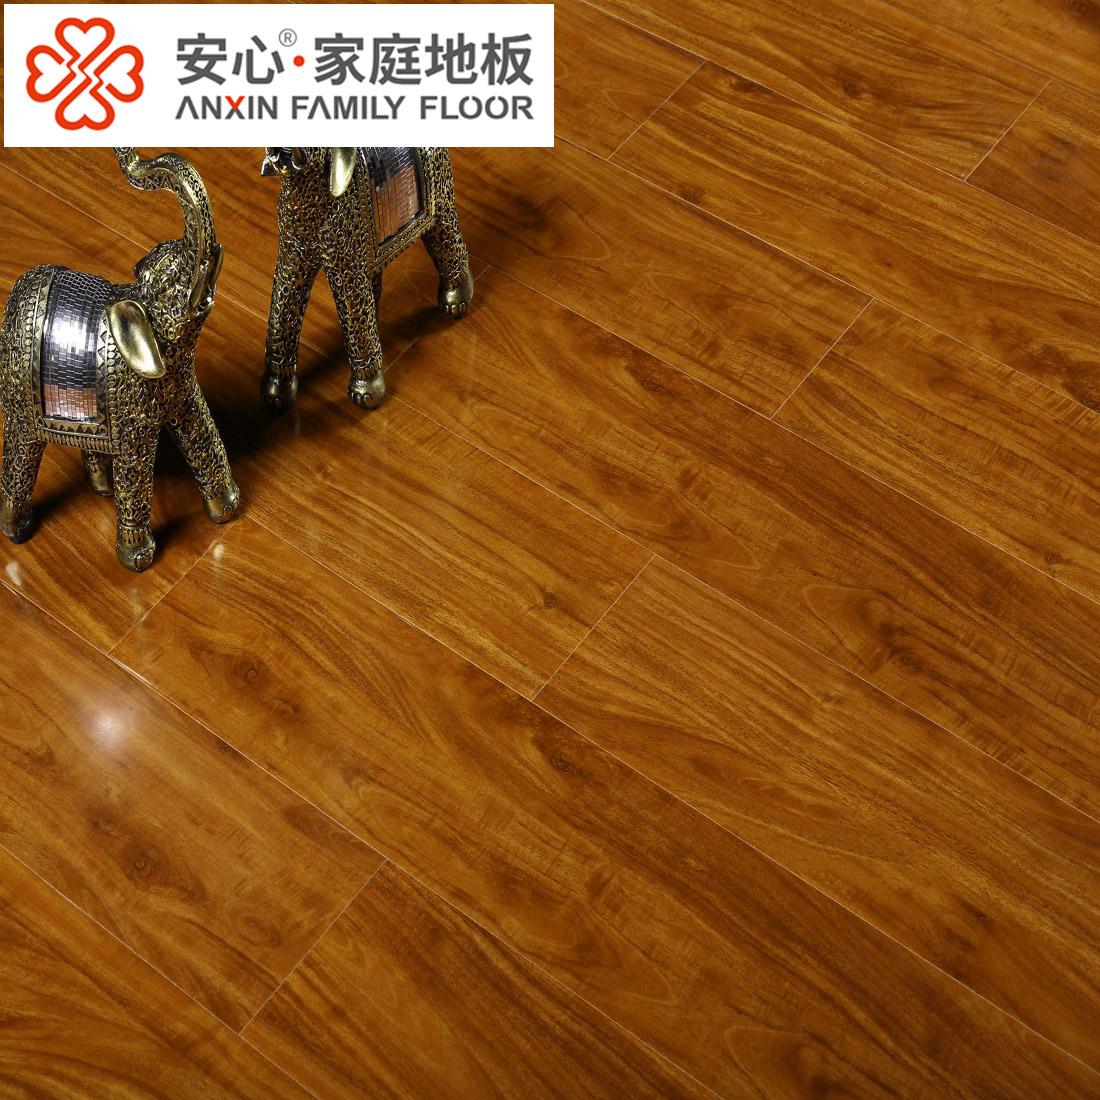 安心地板复合地板 中式装修 别墅仿古家用木地板 仿柚木 环保